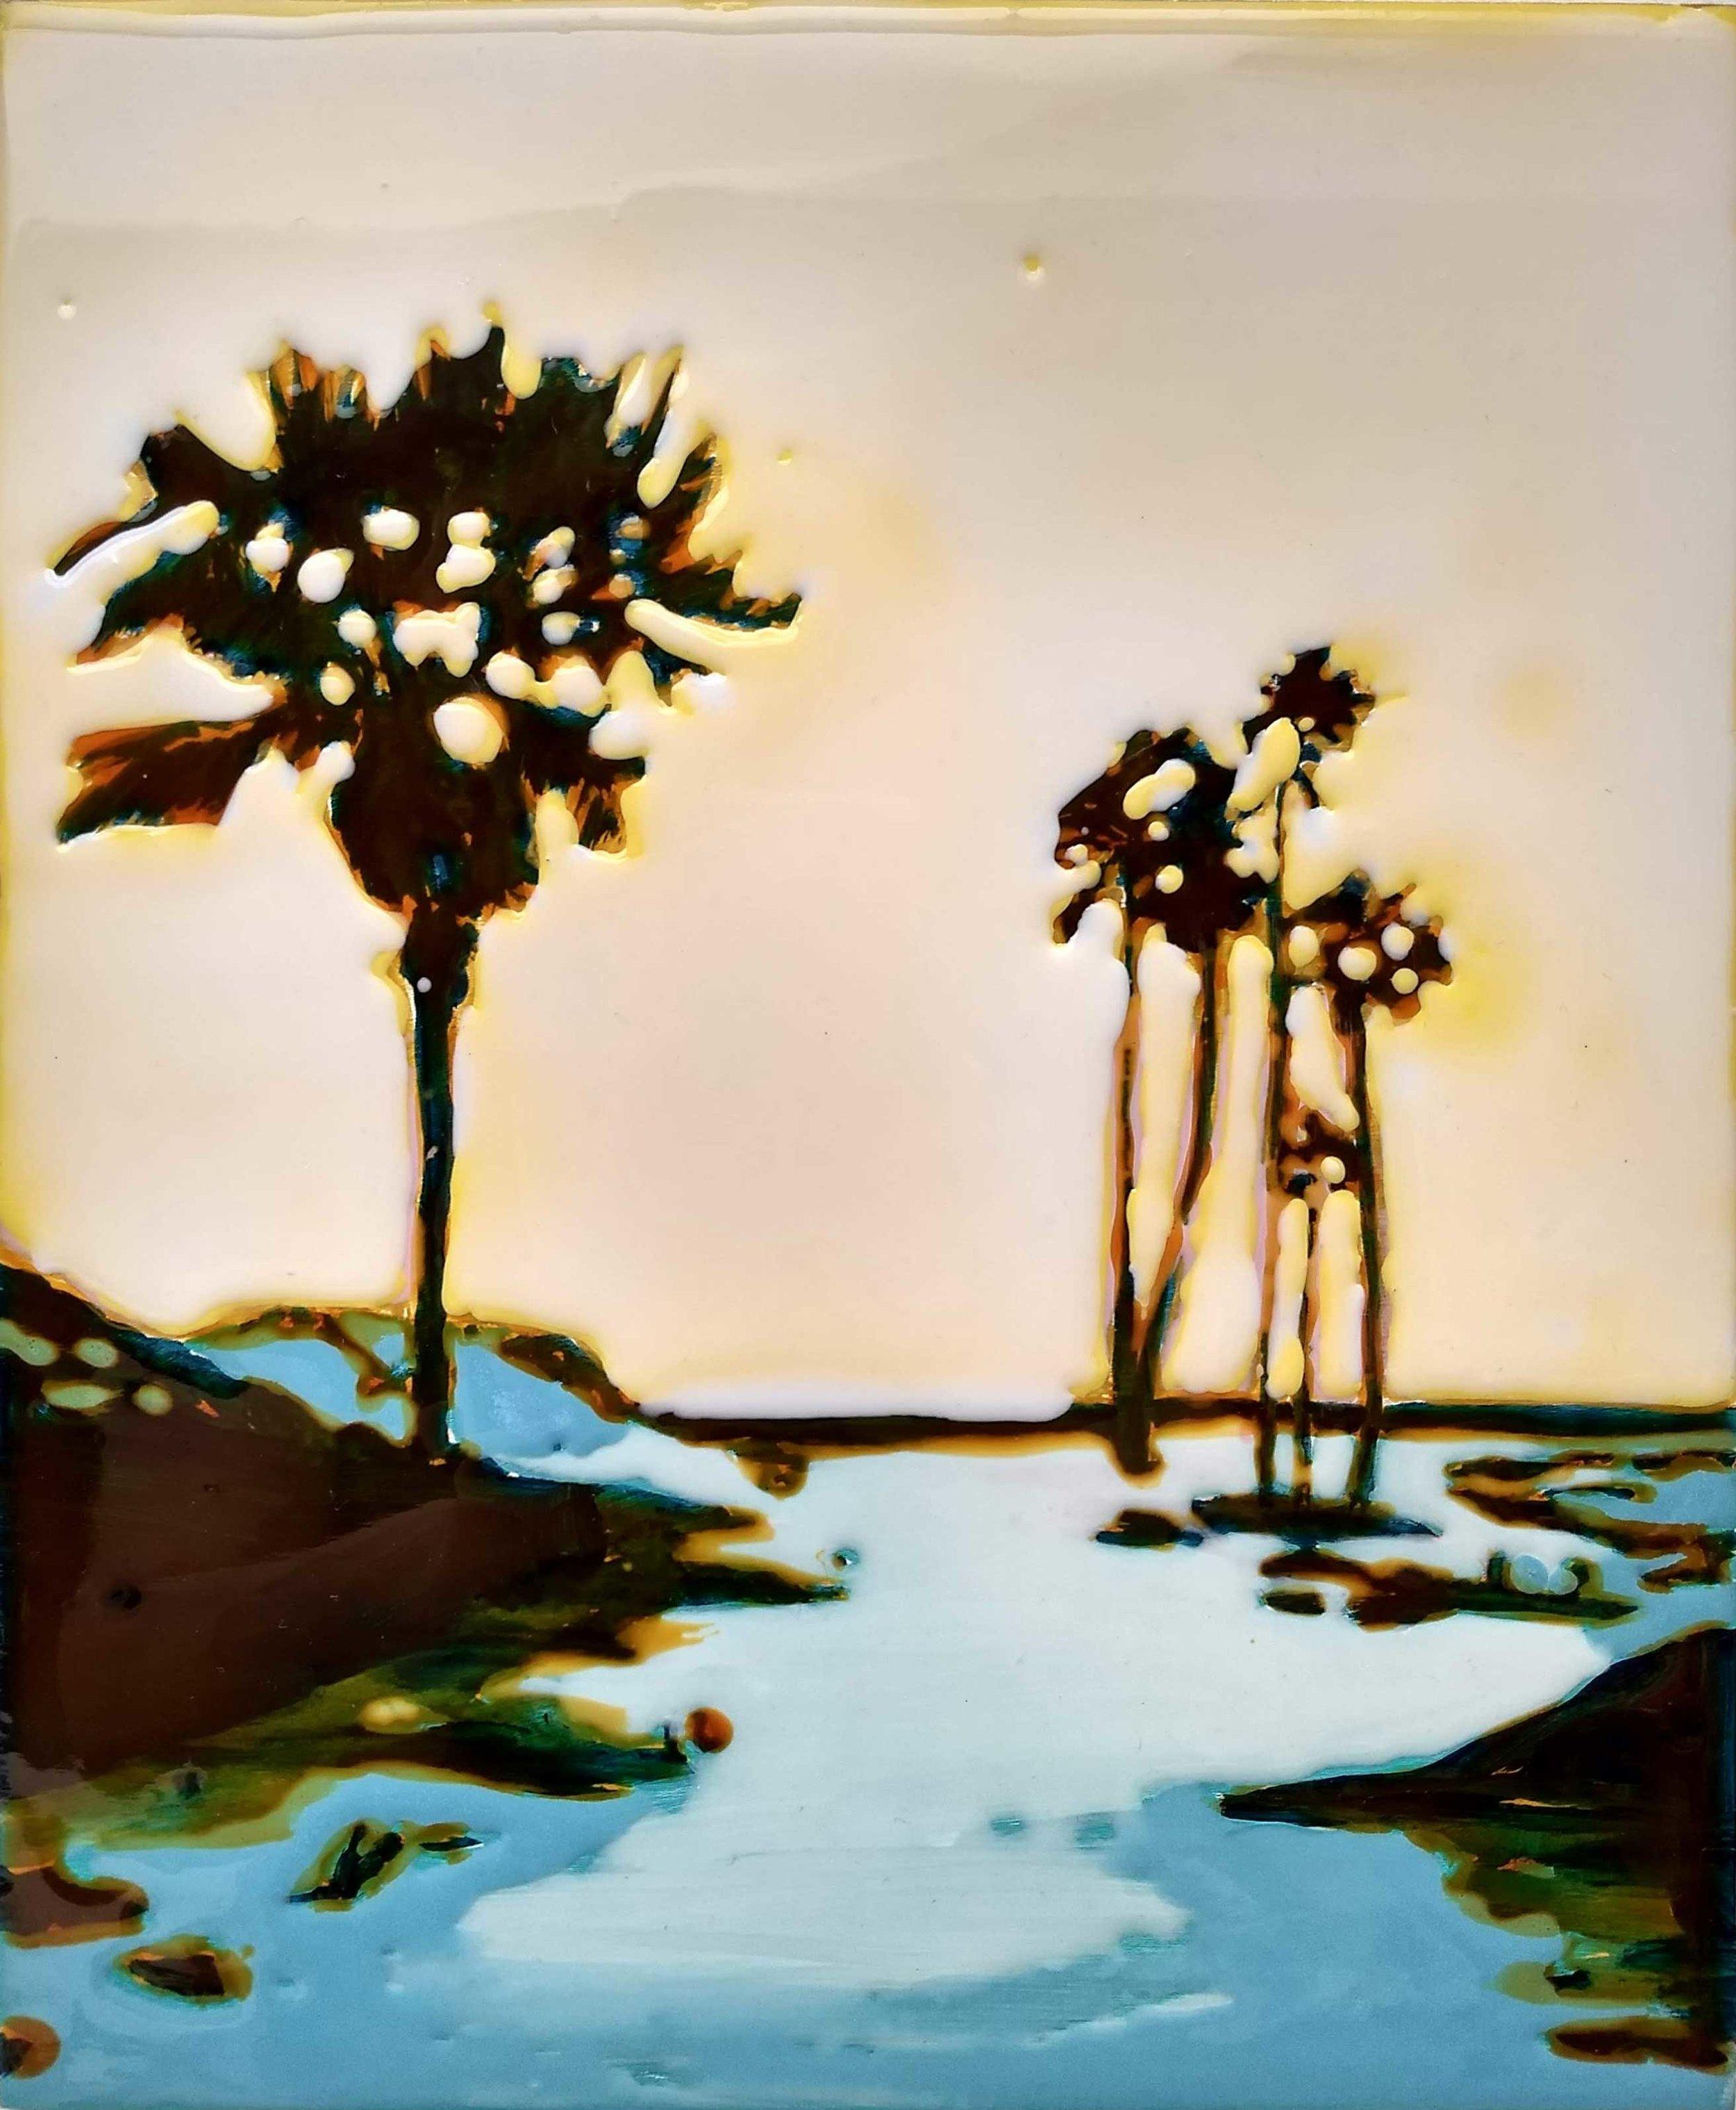 WORK ON WOOD  24 x 30 cm Acrylic and epoxy